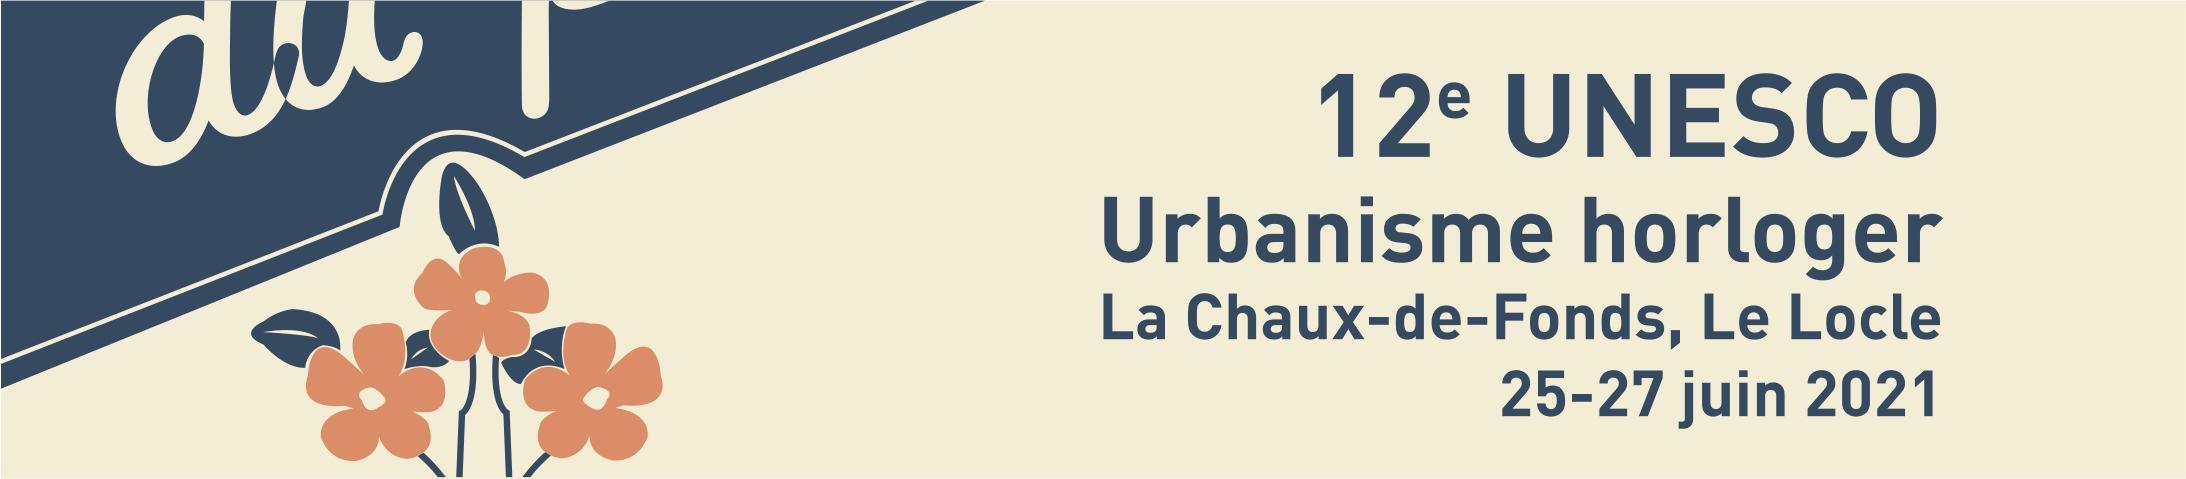 12ème anniversaire de l'inscription de l'urbanisme horloger sur la Liste du patrimoine mondial de l'UNESCO